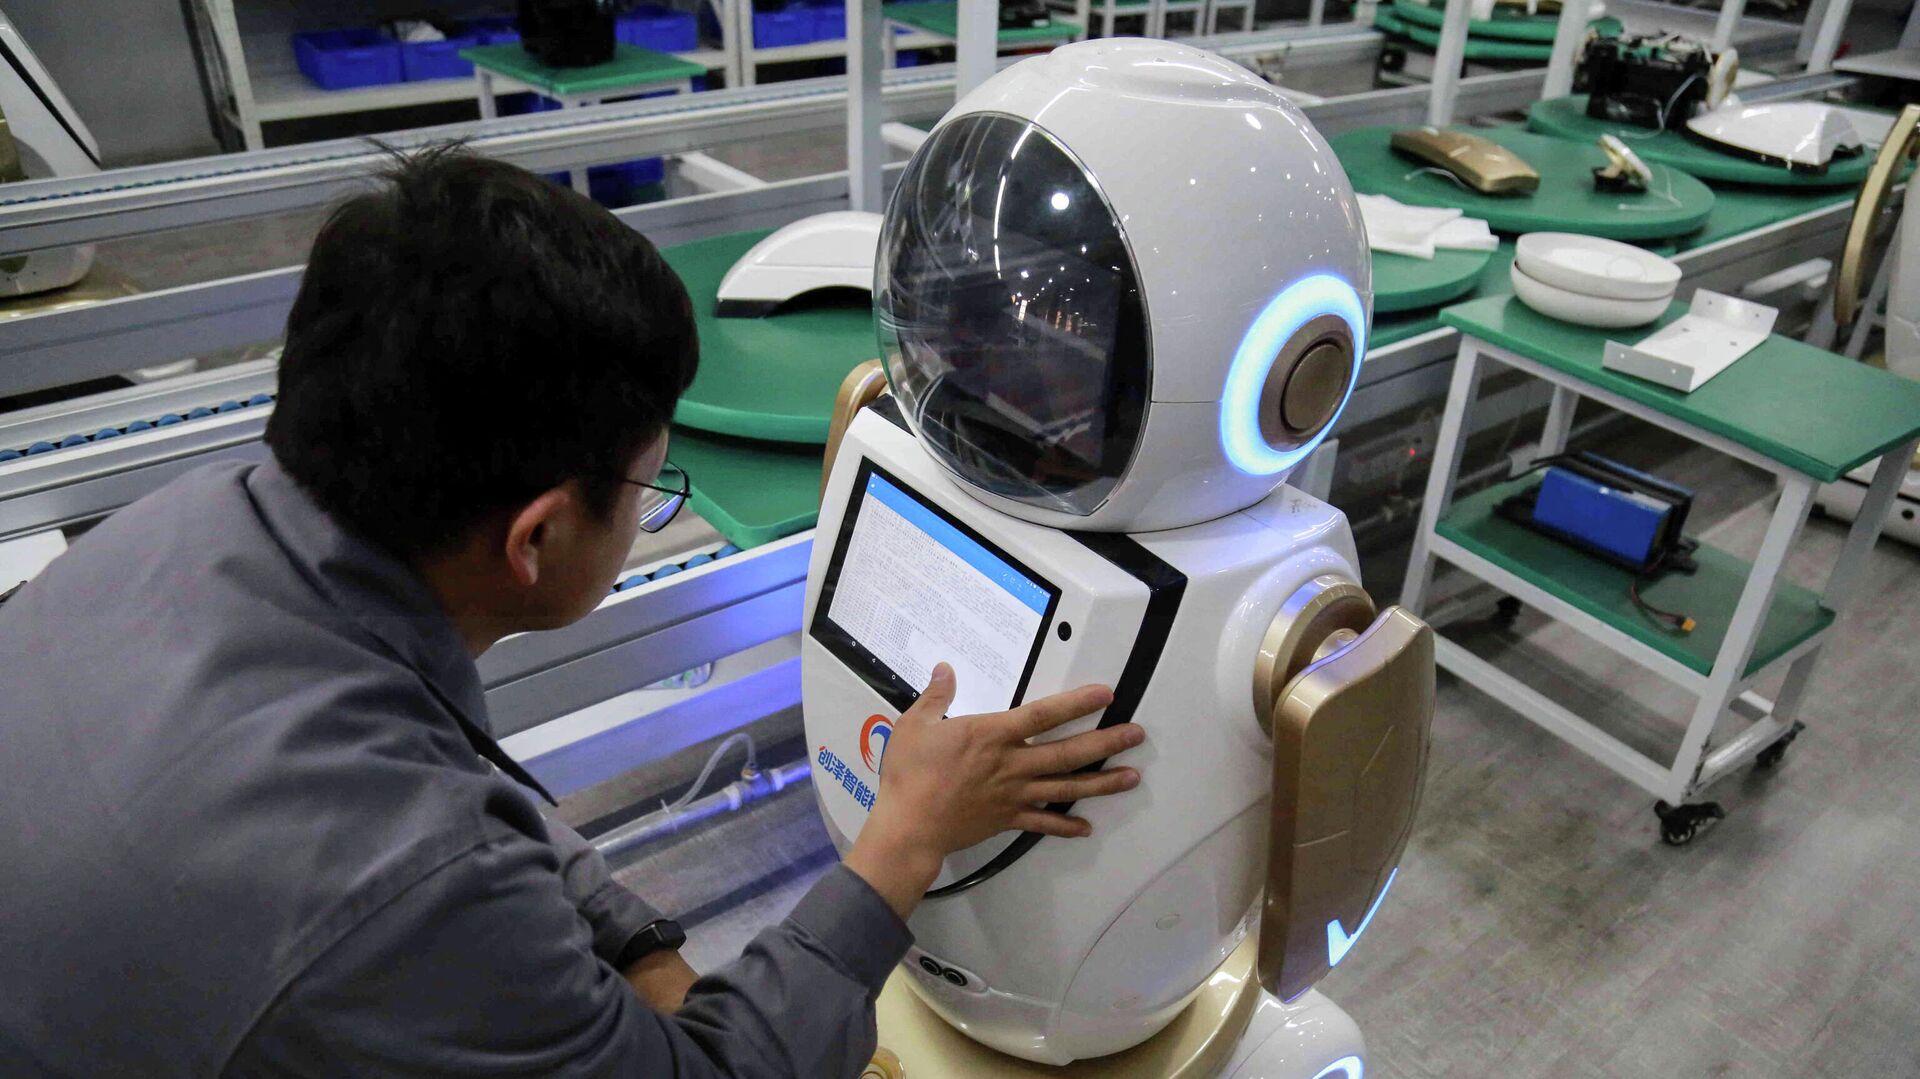 Рабочий на заводе заводе по производству промышленных роботов в Китае - РИА Новости, 1920, 07.10.2021